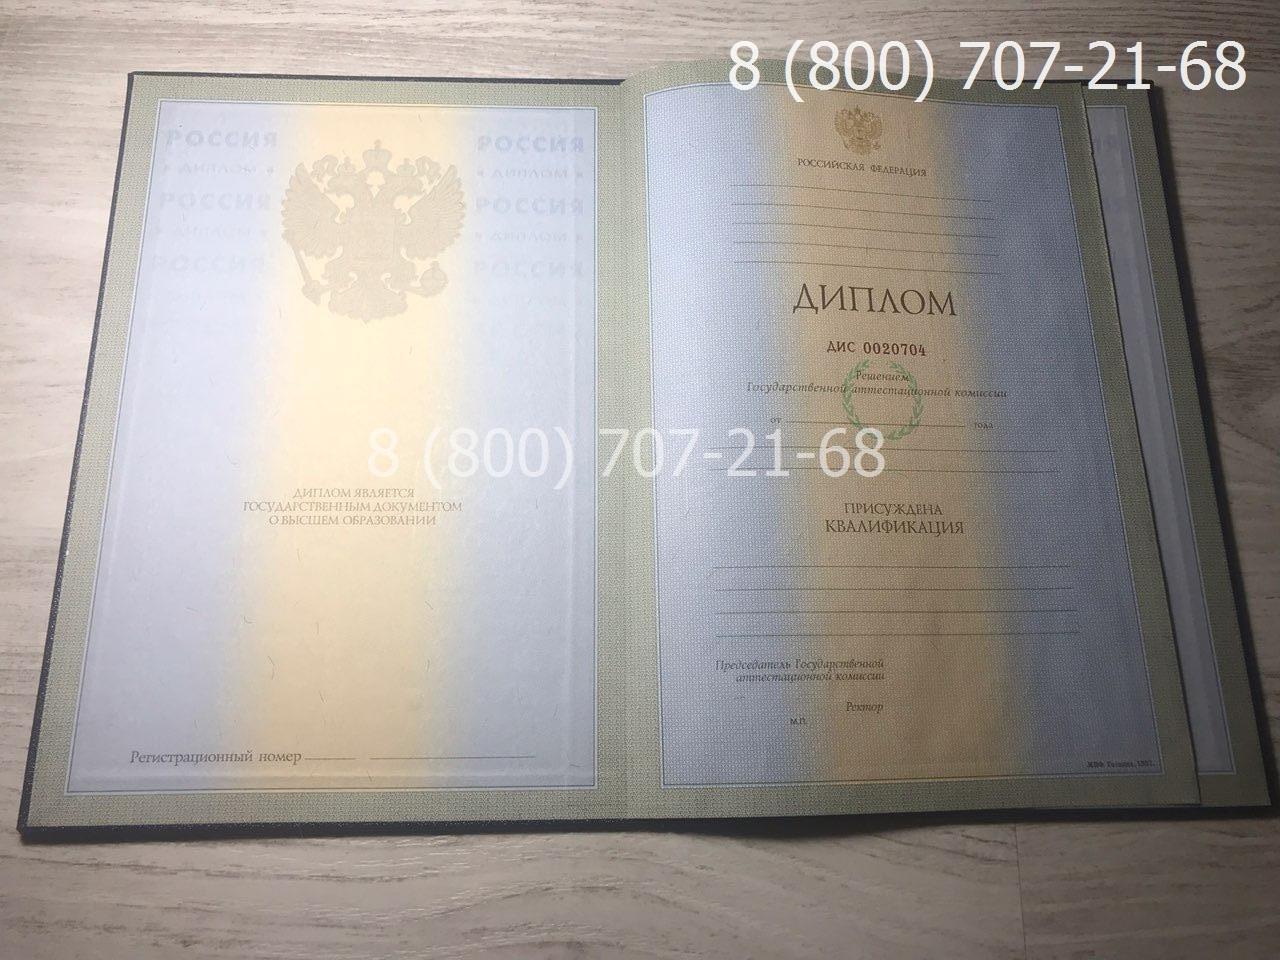 Диплом специалиста 1997-2002 года 1